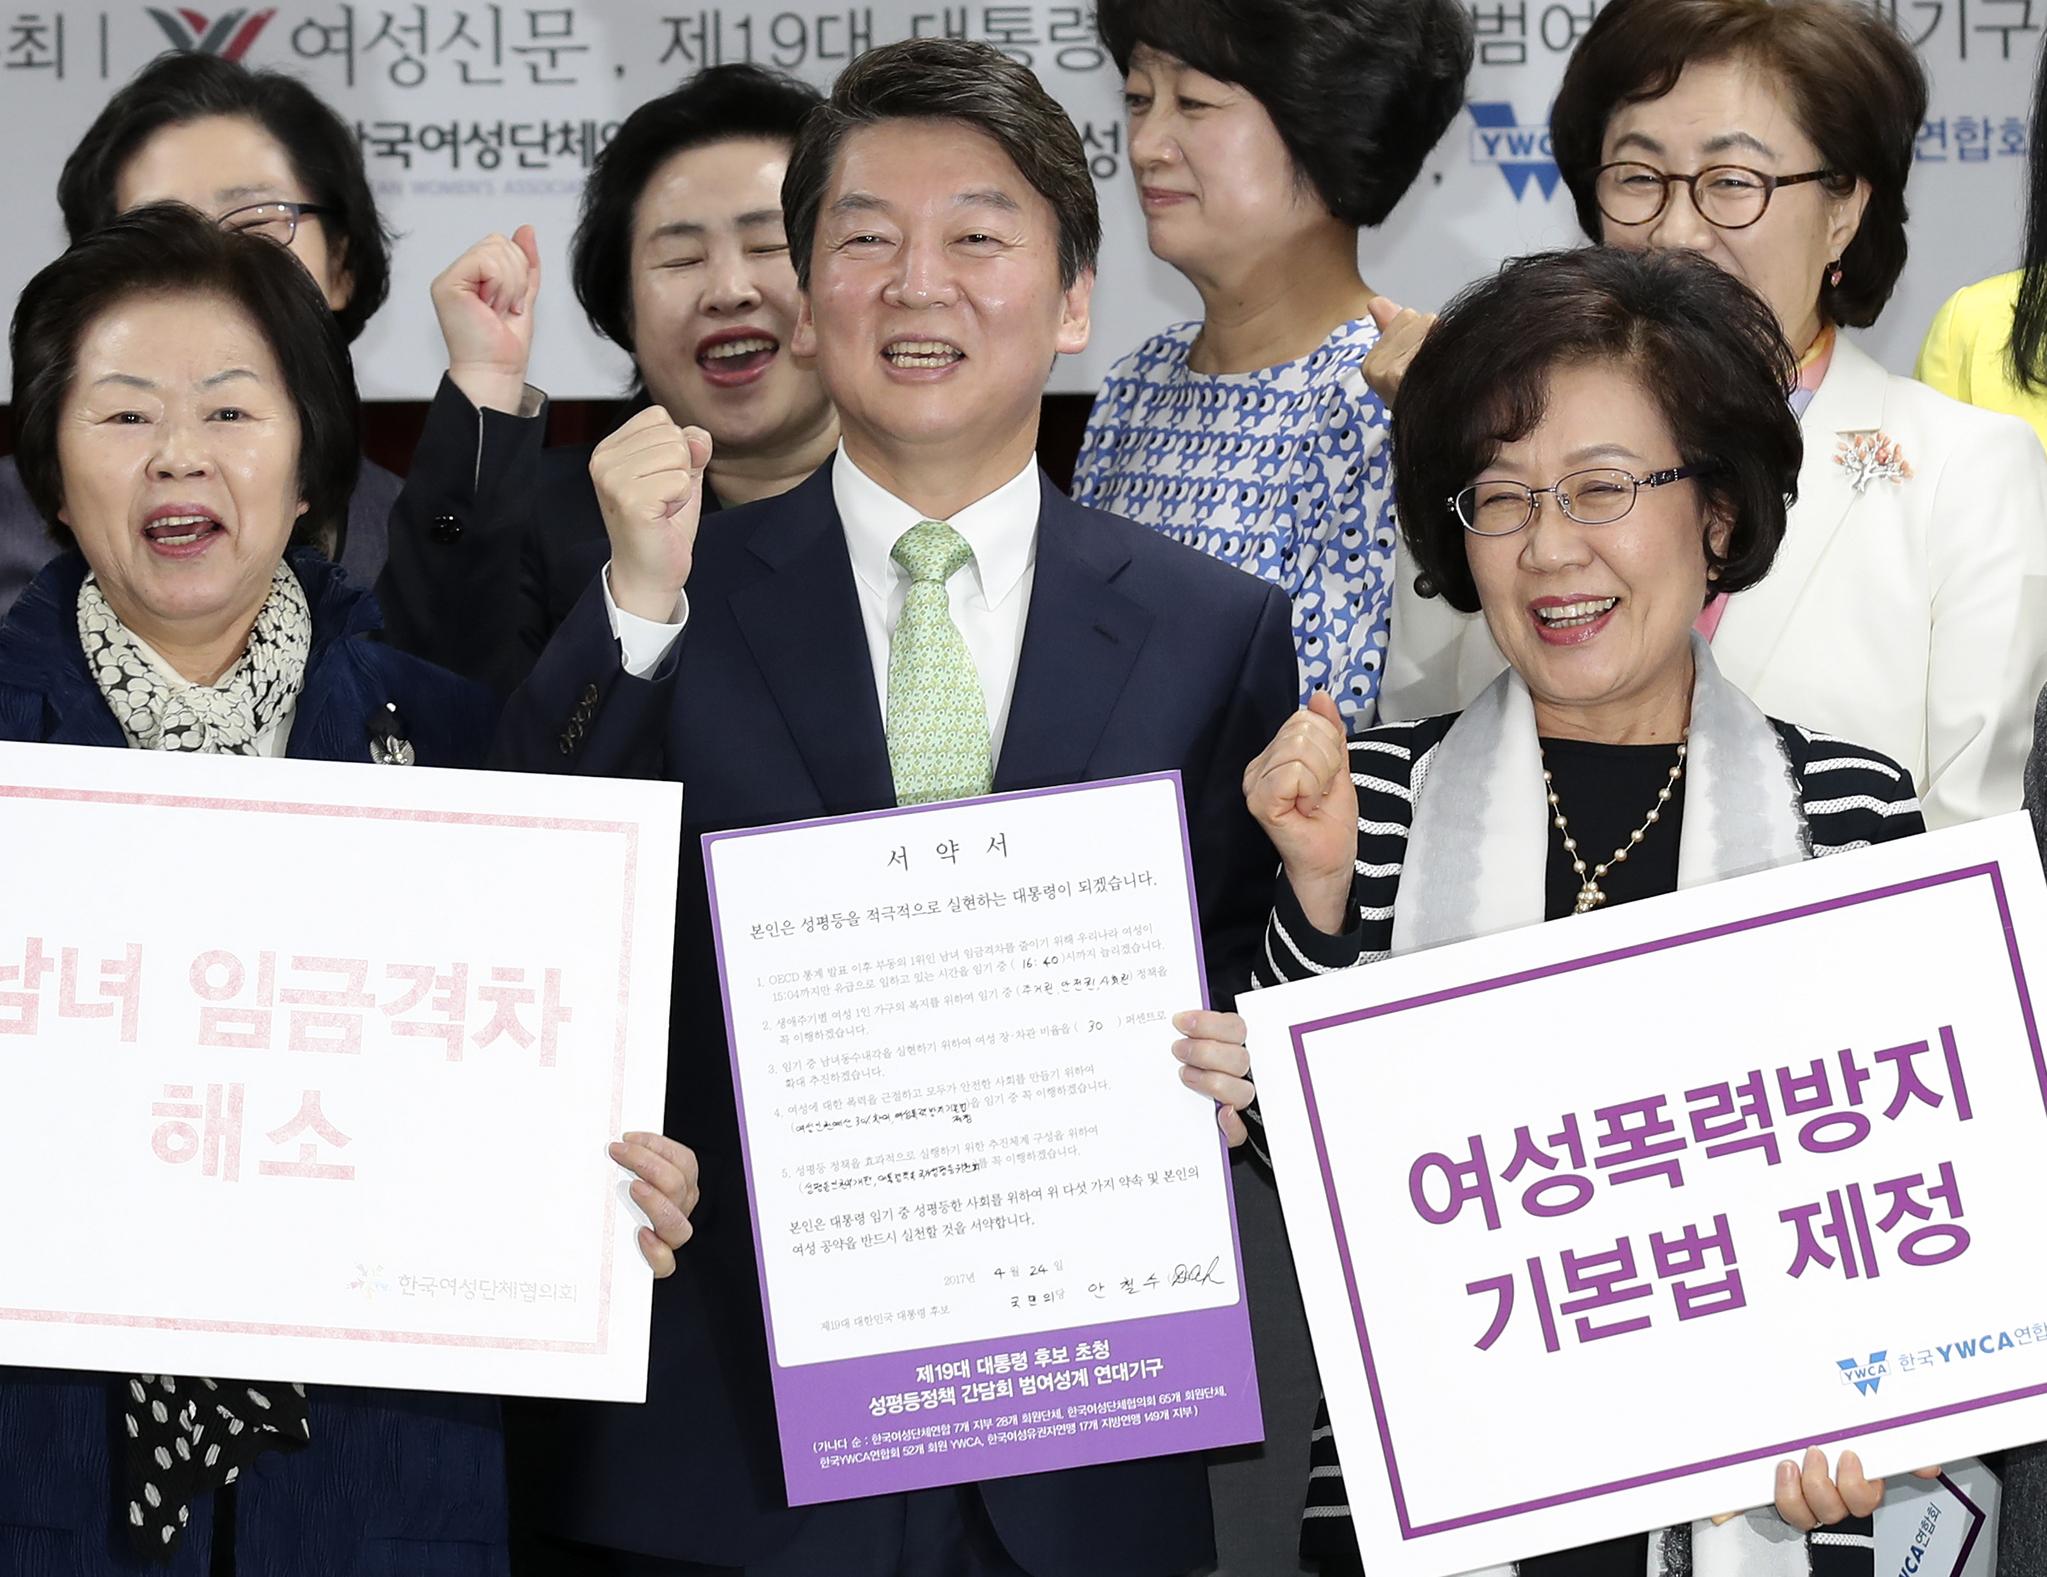 안철수 국민의당 후보(가운데)가 24일 오전 서울 명동 YWCA연합회에서 열린 성평등정책 간담회에 참석,자신이 작성한 성평등사회를 위한 공약이행 서약서를 들고 기념촬영 하고있다. 임현동 기자